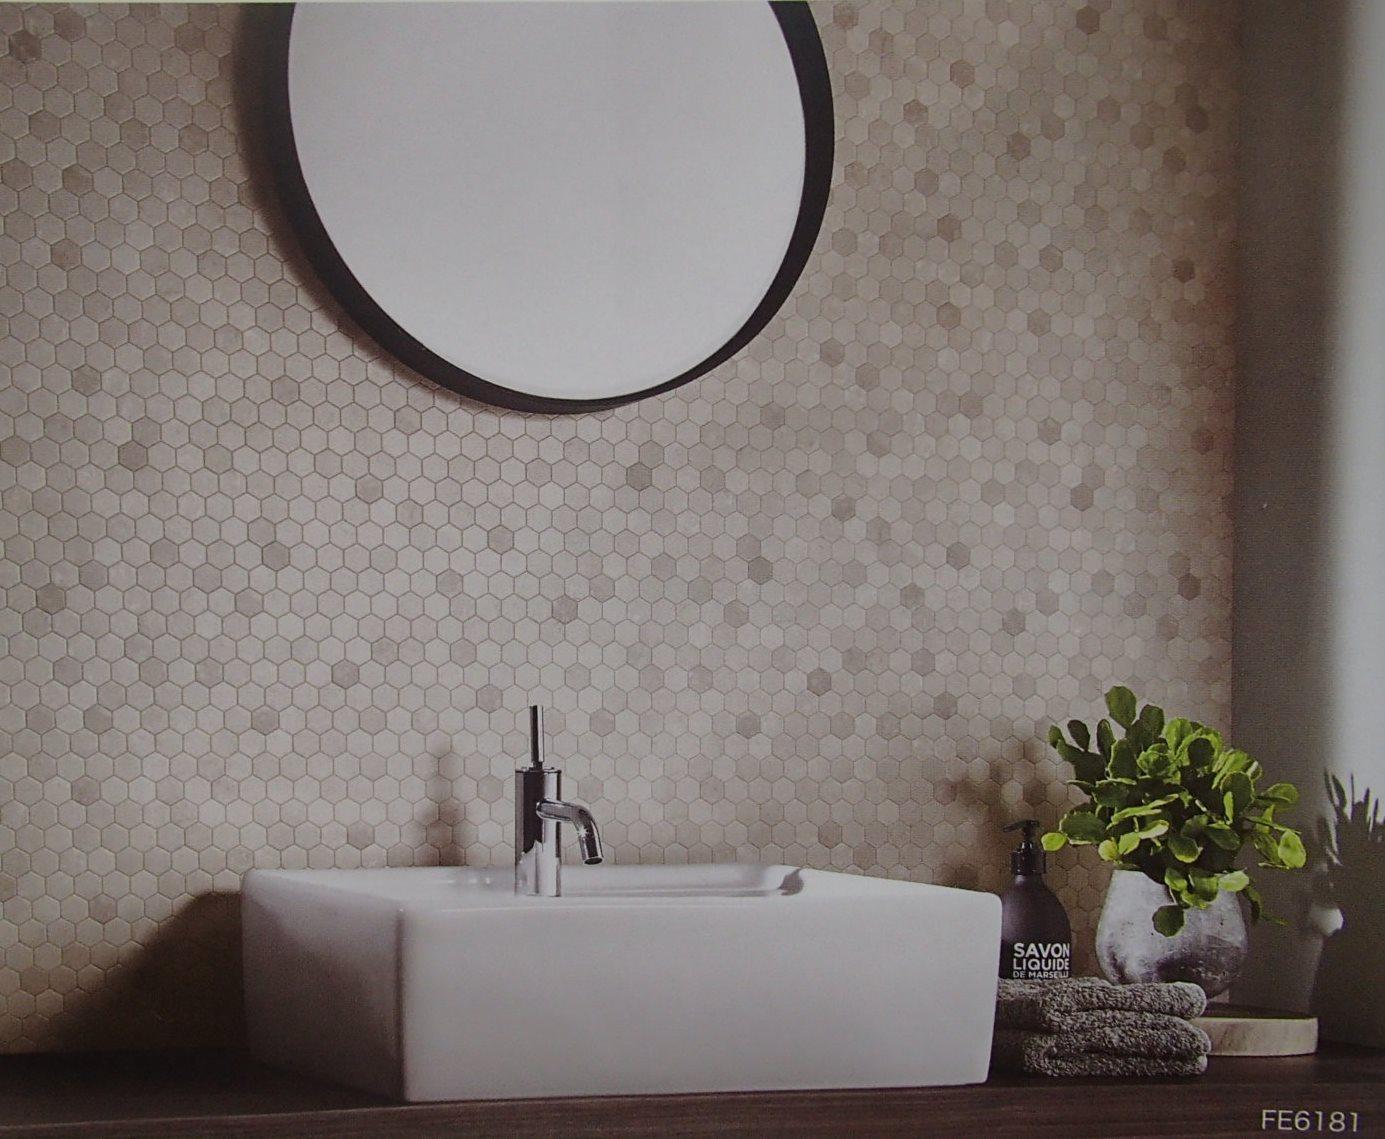 サンゲツ ファインfe 6181のりつき 壁紙 クロス タイル柄 グレー系 水まわり 灰色系